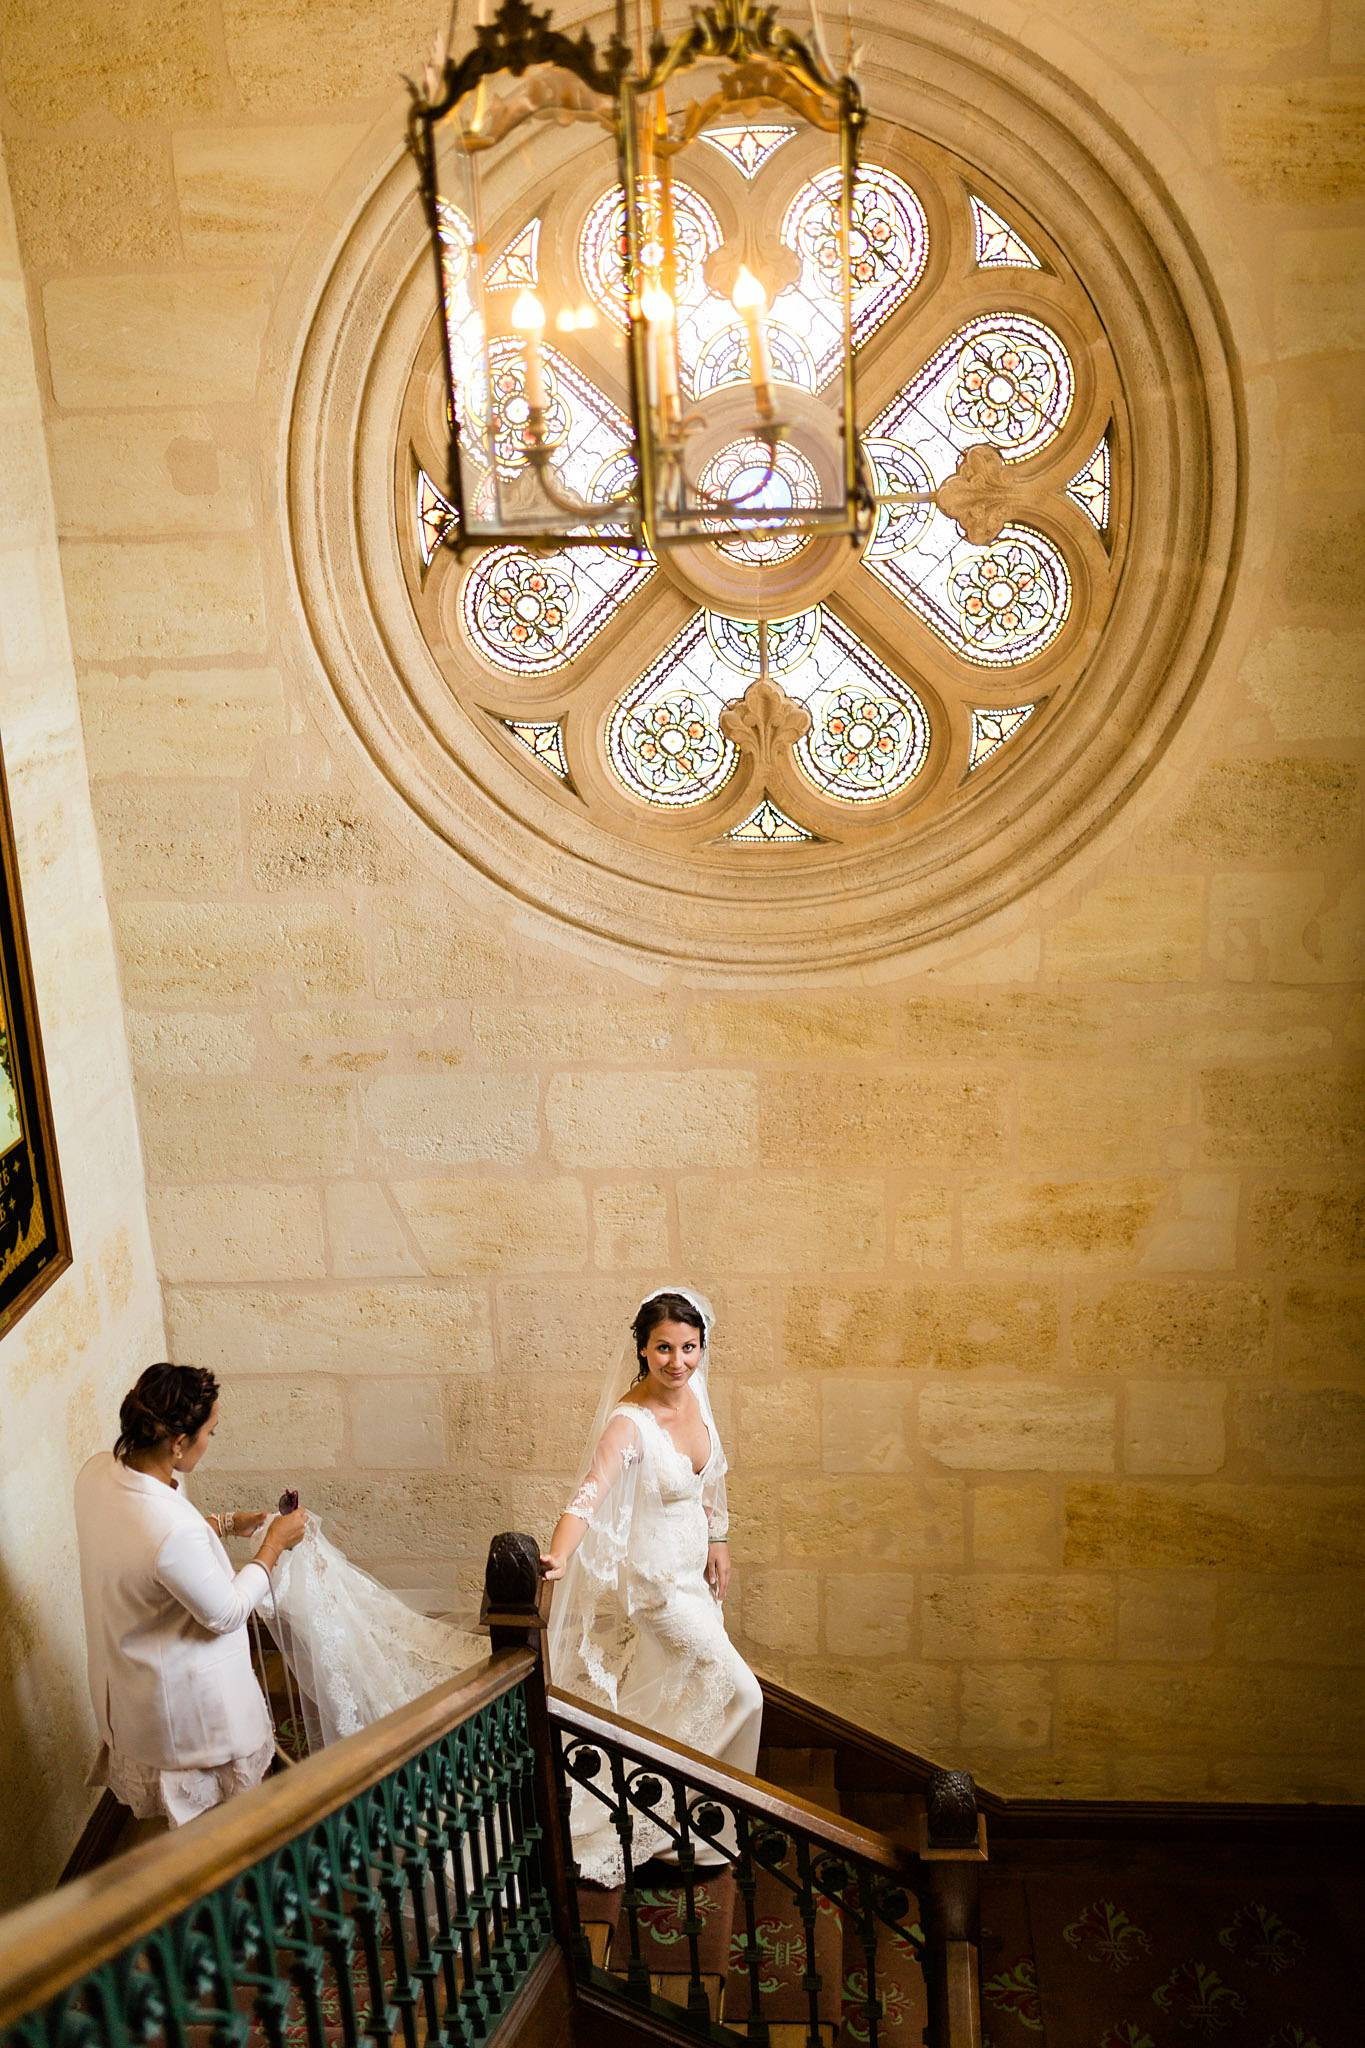 Quelques photos du reportage mariage civil et laïque de Charline et Yohan au Château Pape Clément Grand Cru Pessac. Photographe mariage Gironde.